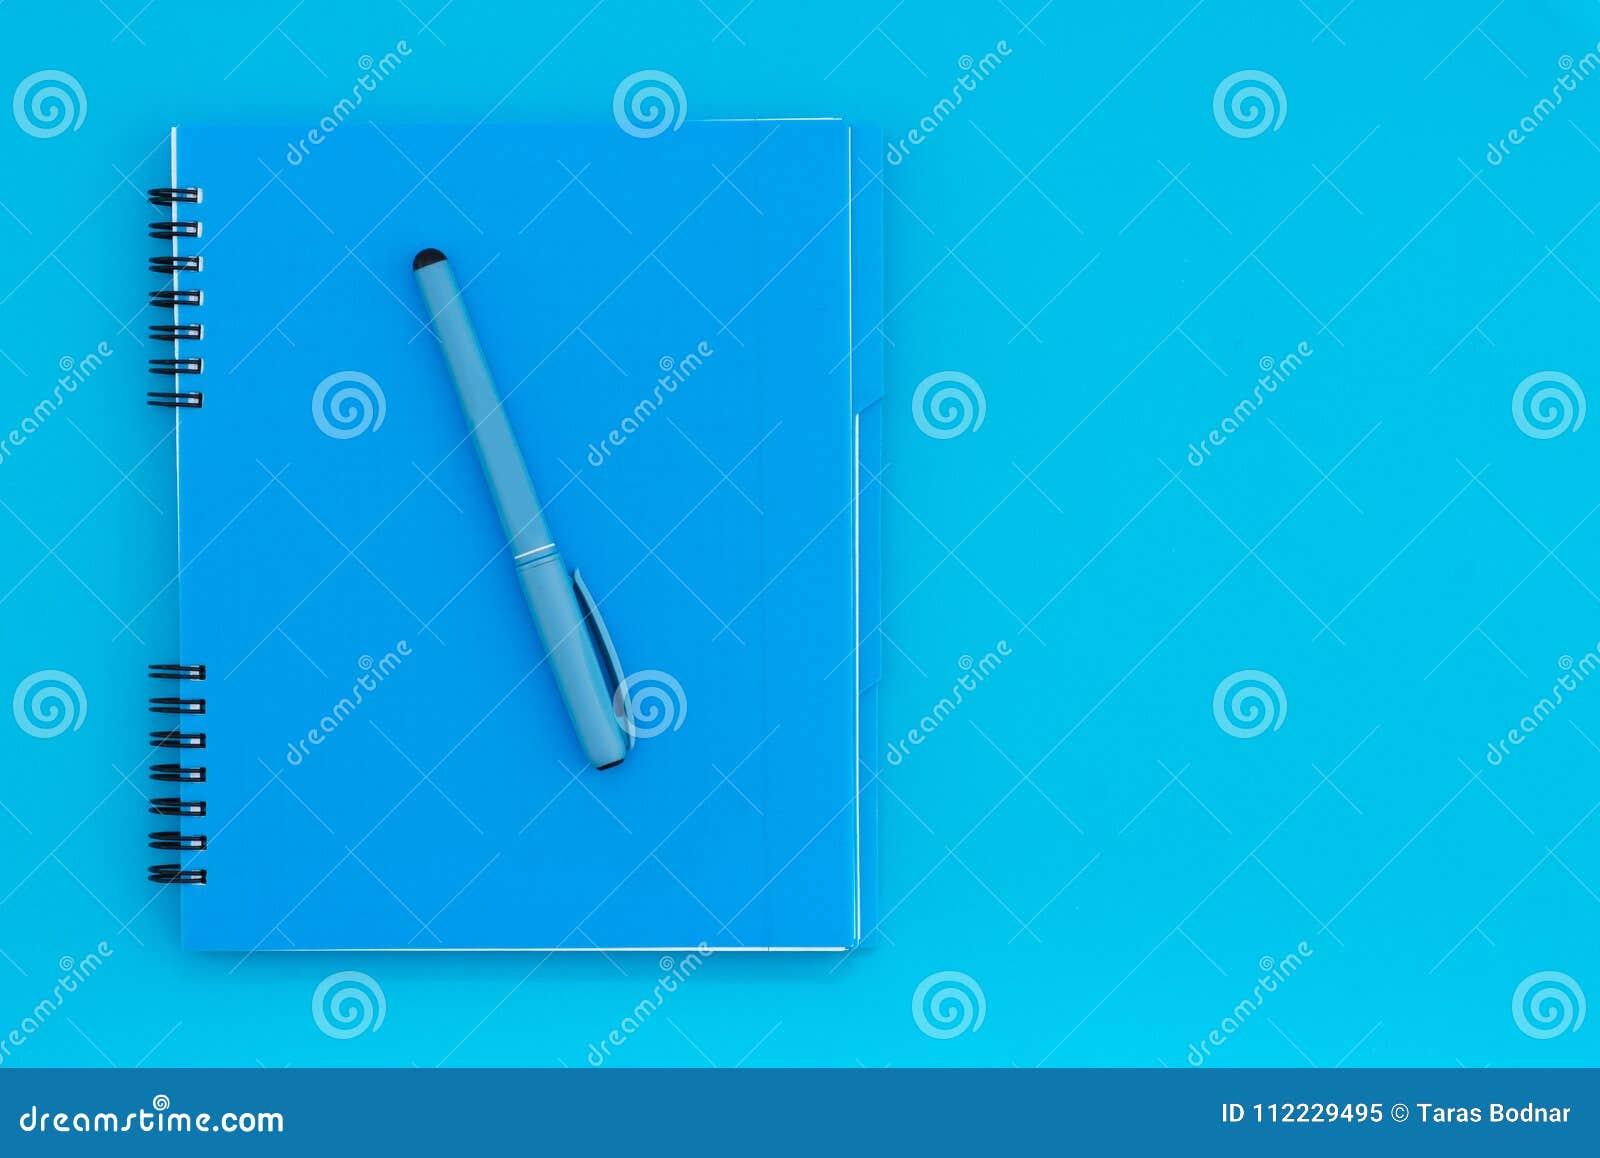 Μπλε σημειωματάριο με ένα μολύβι σε ένα μπλε υπόβαθρο Επίπεδος βάλτε το πρότυπο τοποθετήστε το κείμενο